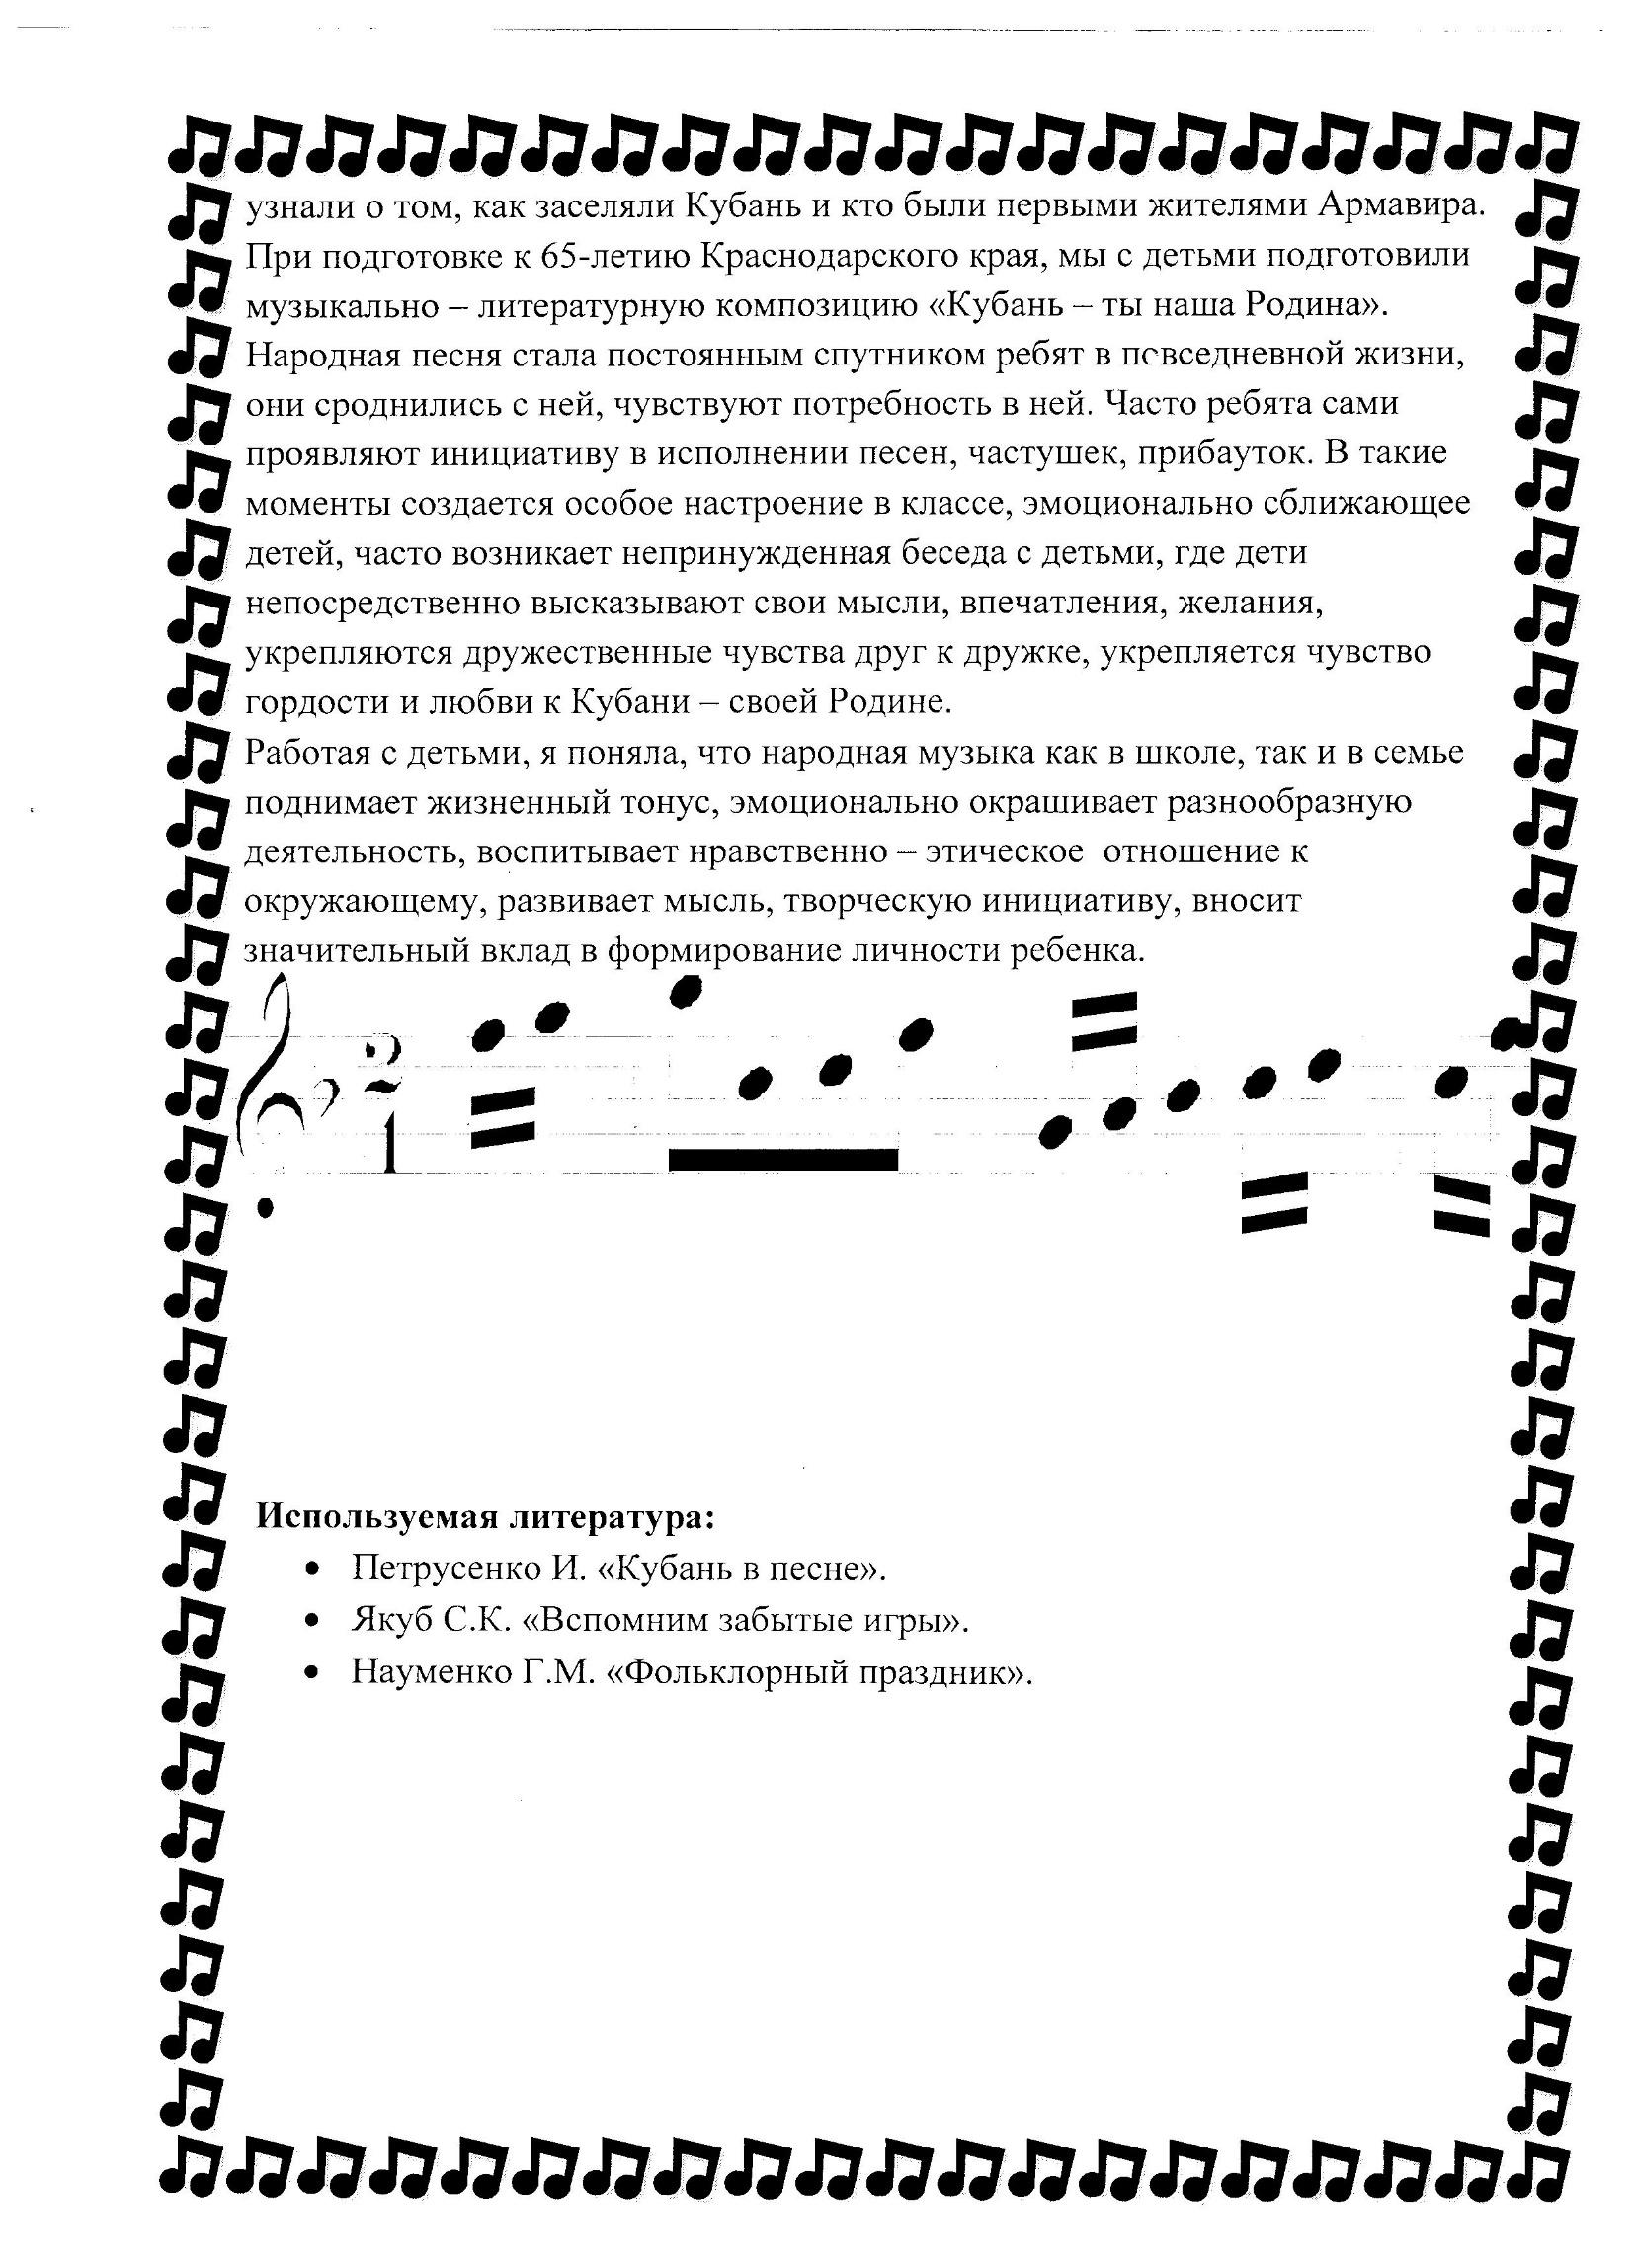 C:\Users\Ольга\Pictures\2014-08-11\003.jpg